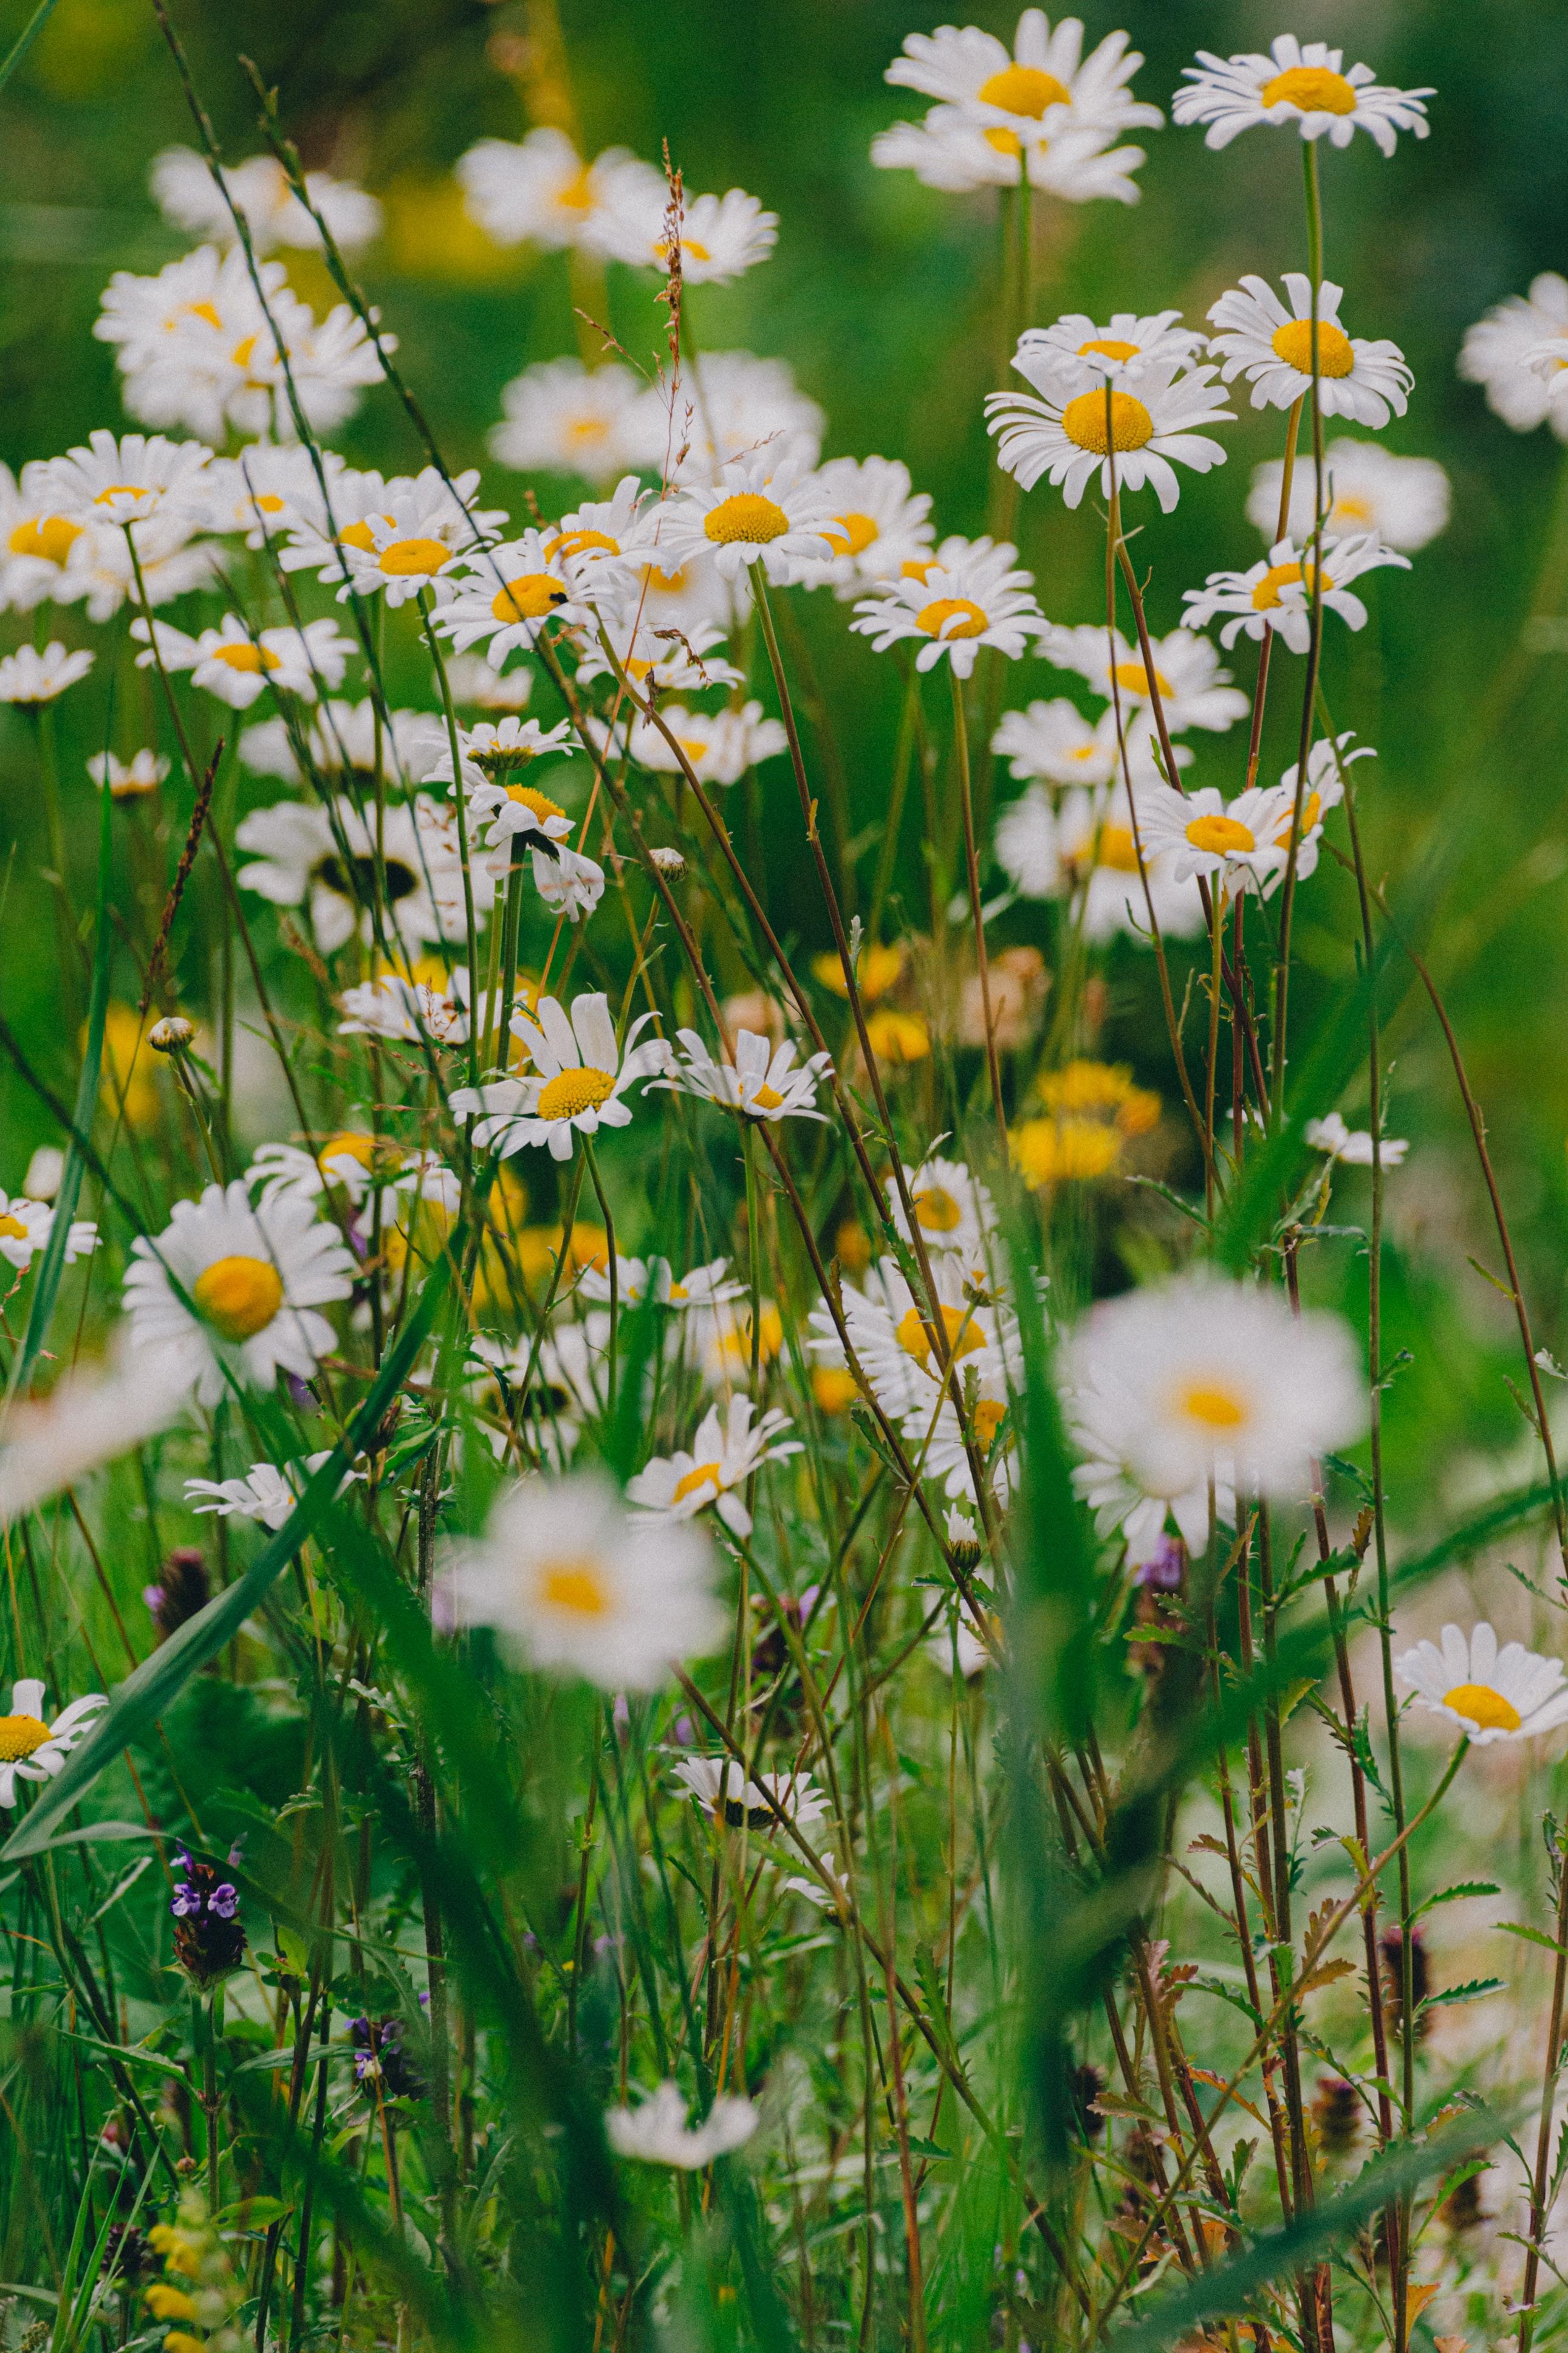 149020 Заставки и Обои Ромашки на телефон. Скачать Цветы, Ромашки, Полевые Цветы, Трава картинки бесплатно